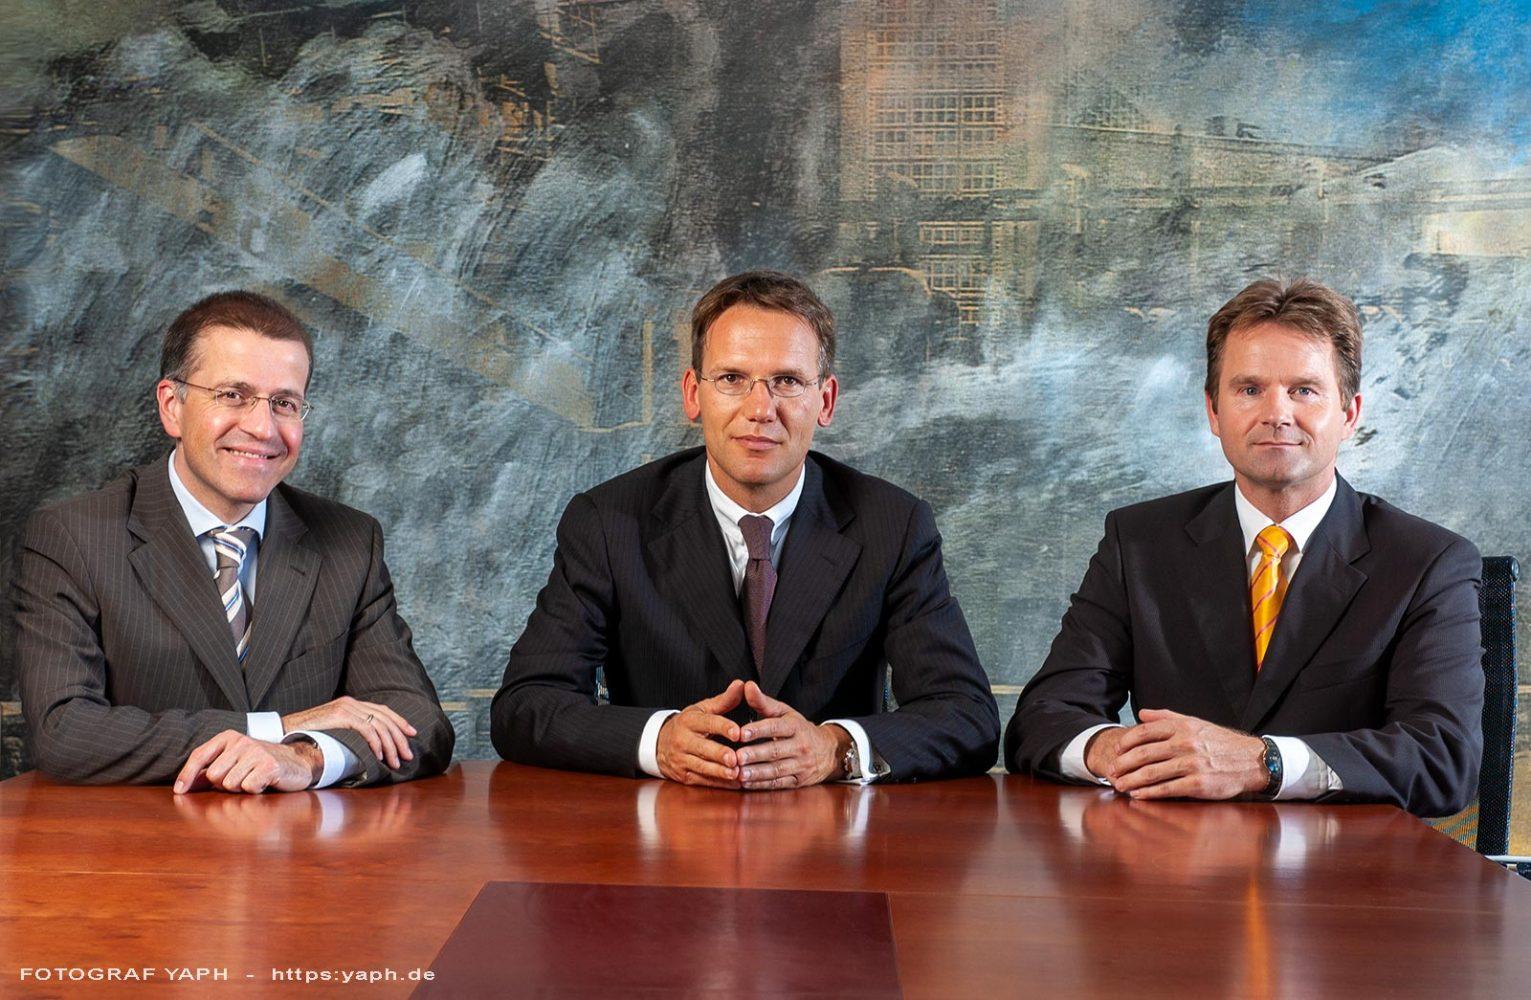 Business Fotografie, Fotografie für Firmen - Yaph